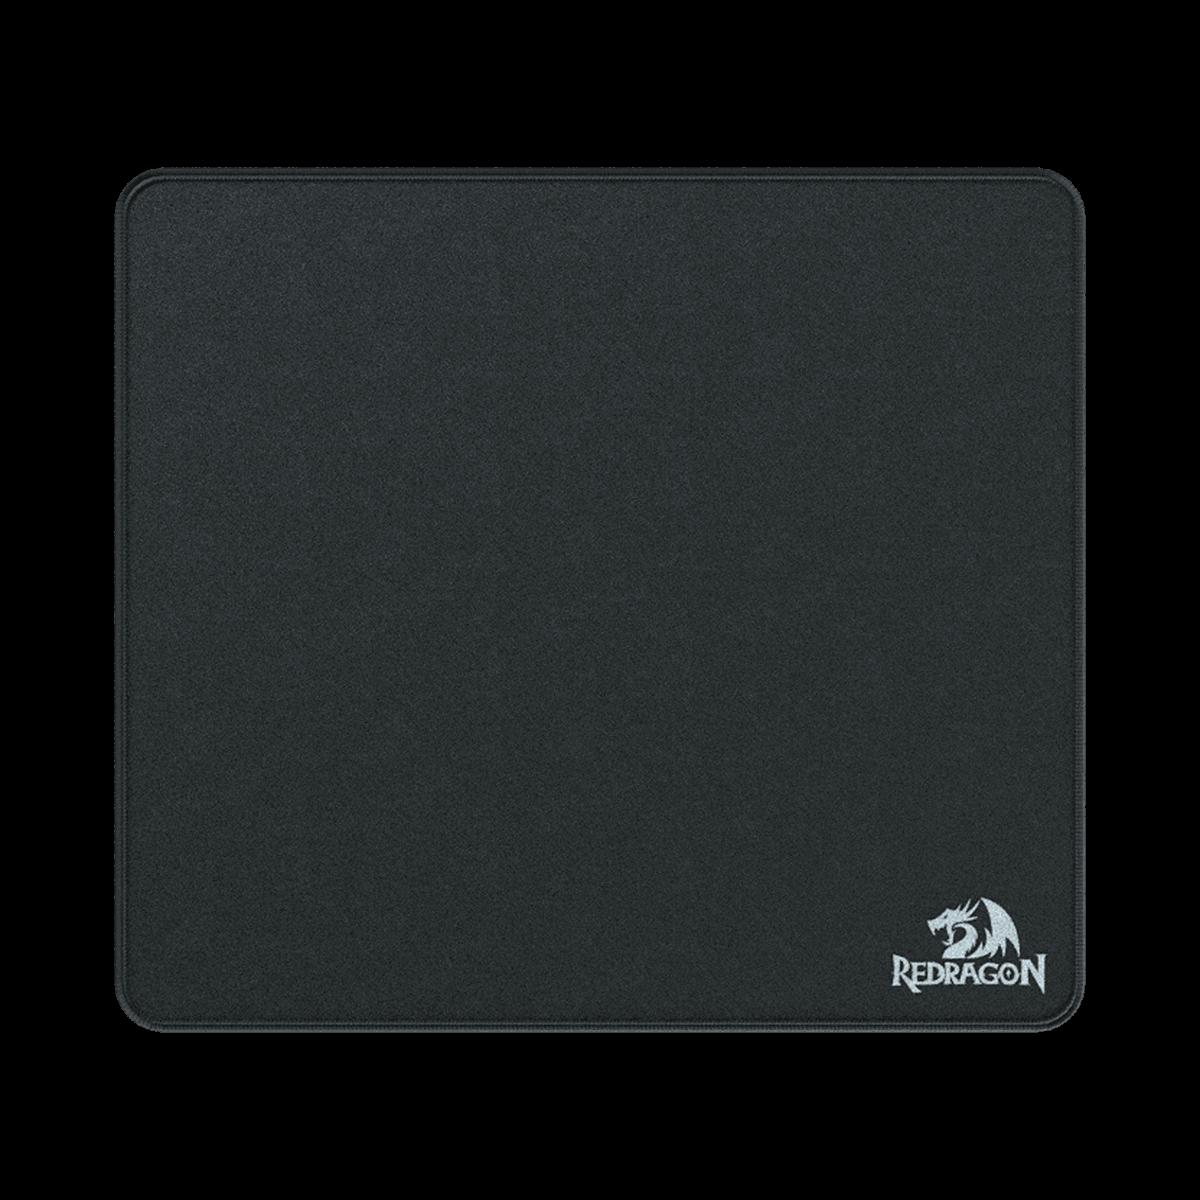 Mousepad Redragon FLICK L